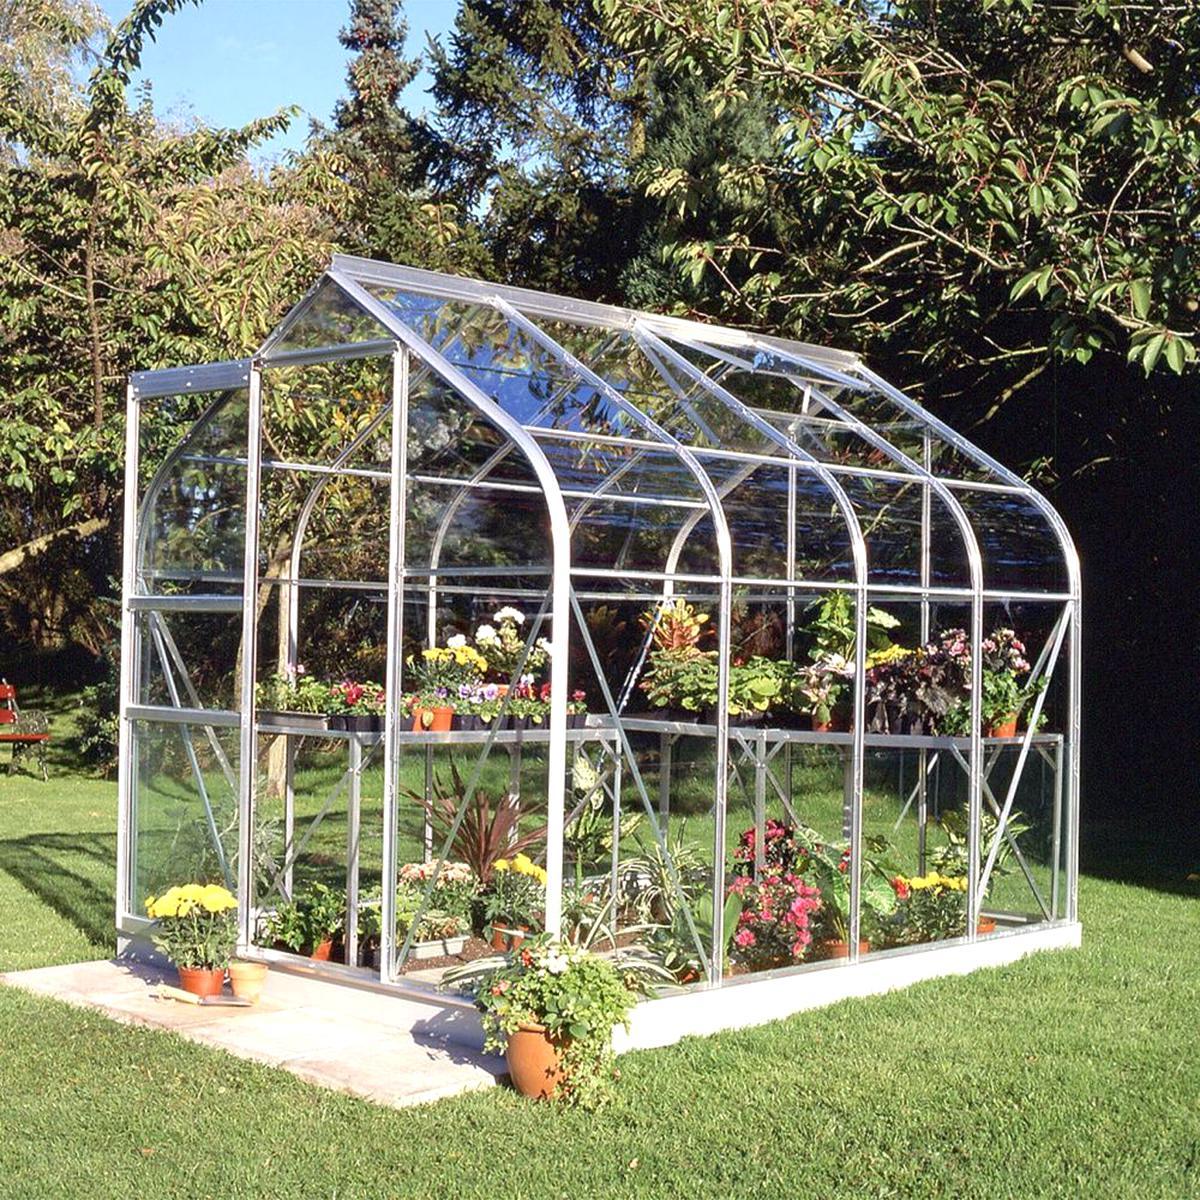 Serre Horticole Verre D'occasion serapportantà Serre De Jardin Occasion A Vendre